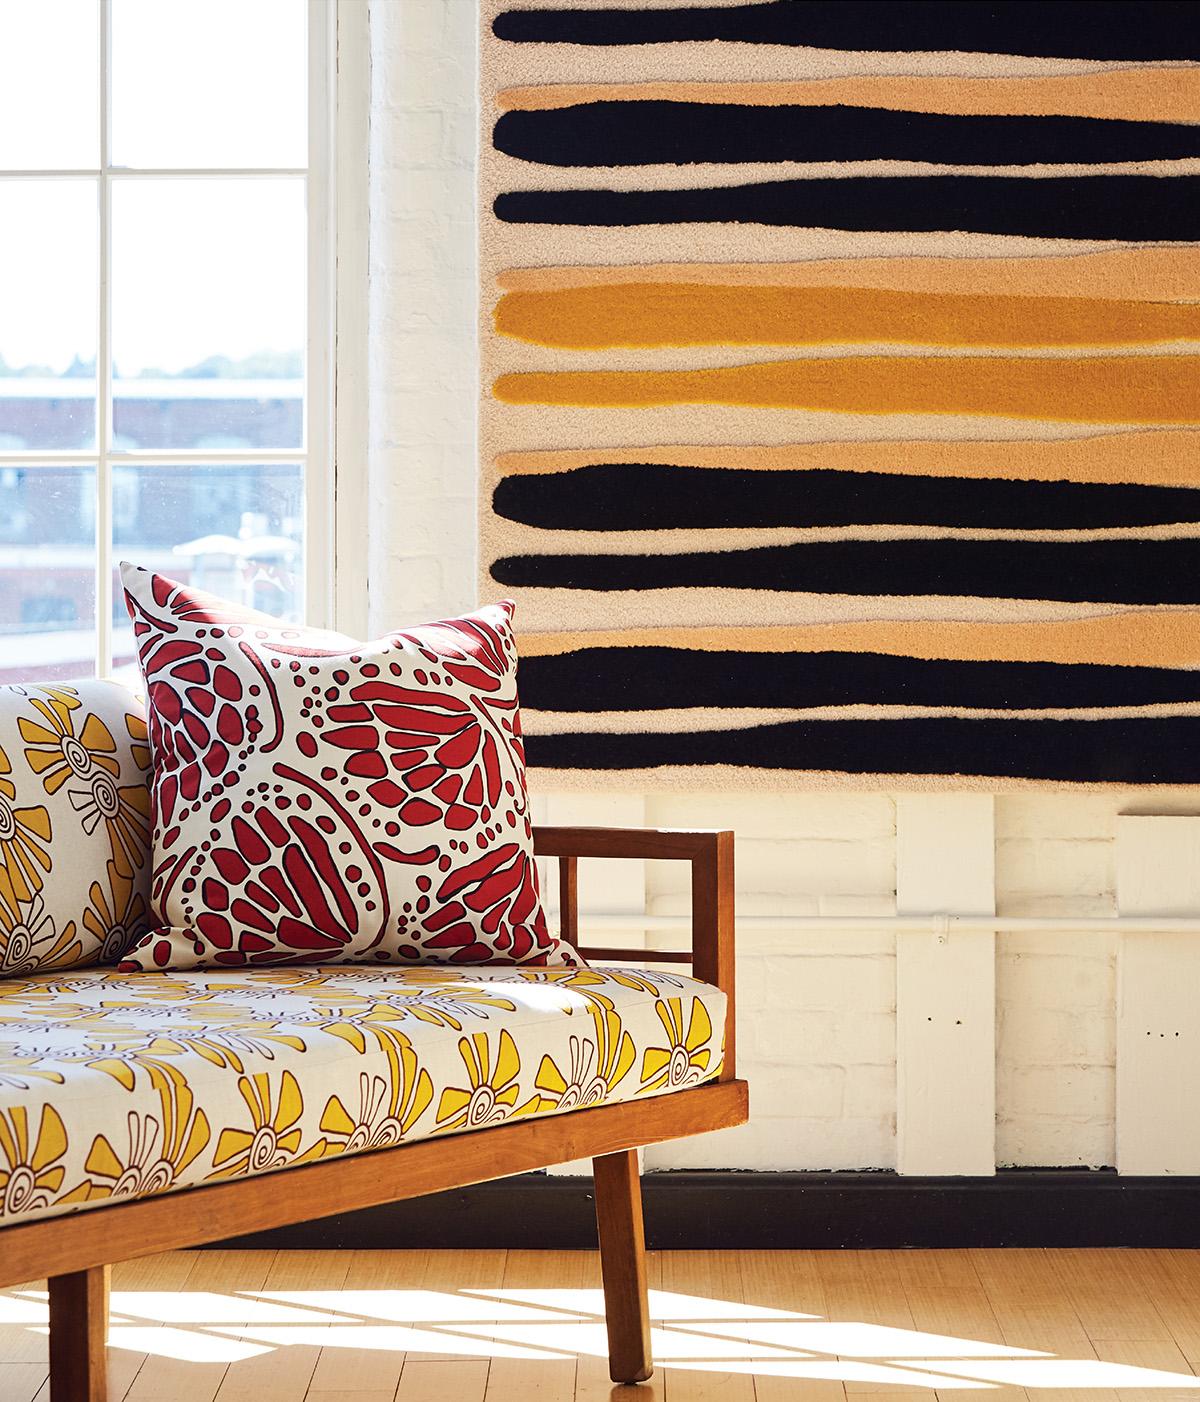 melinda cox balanced design textiles prints 1